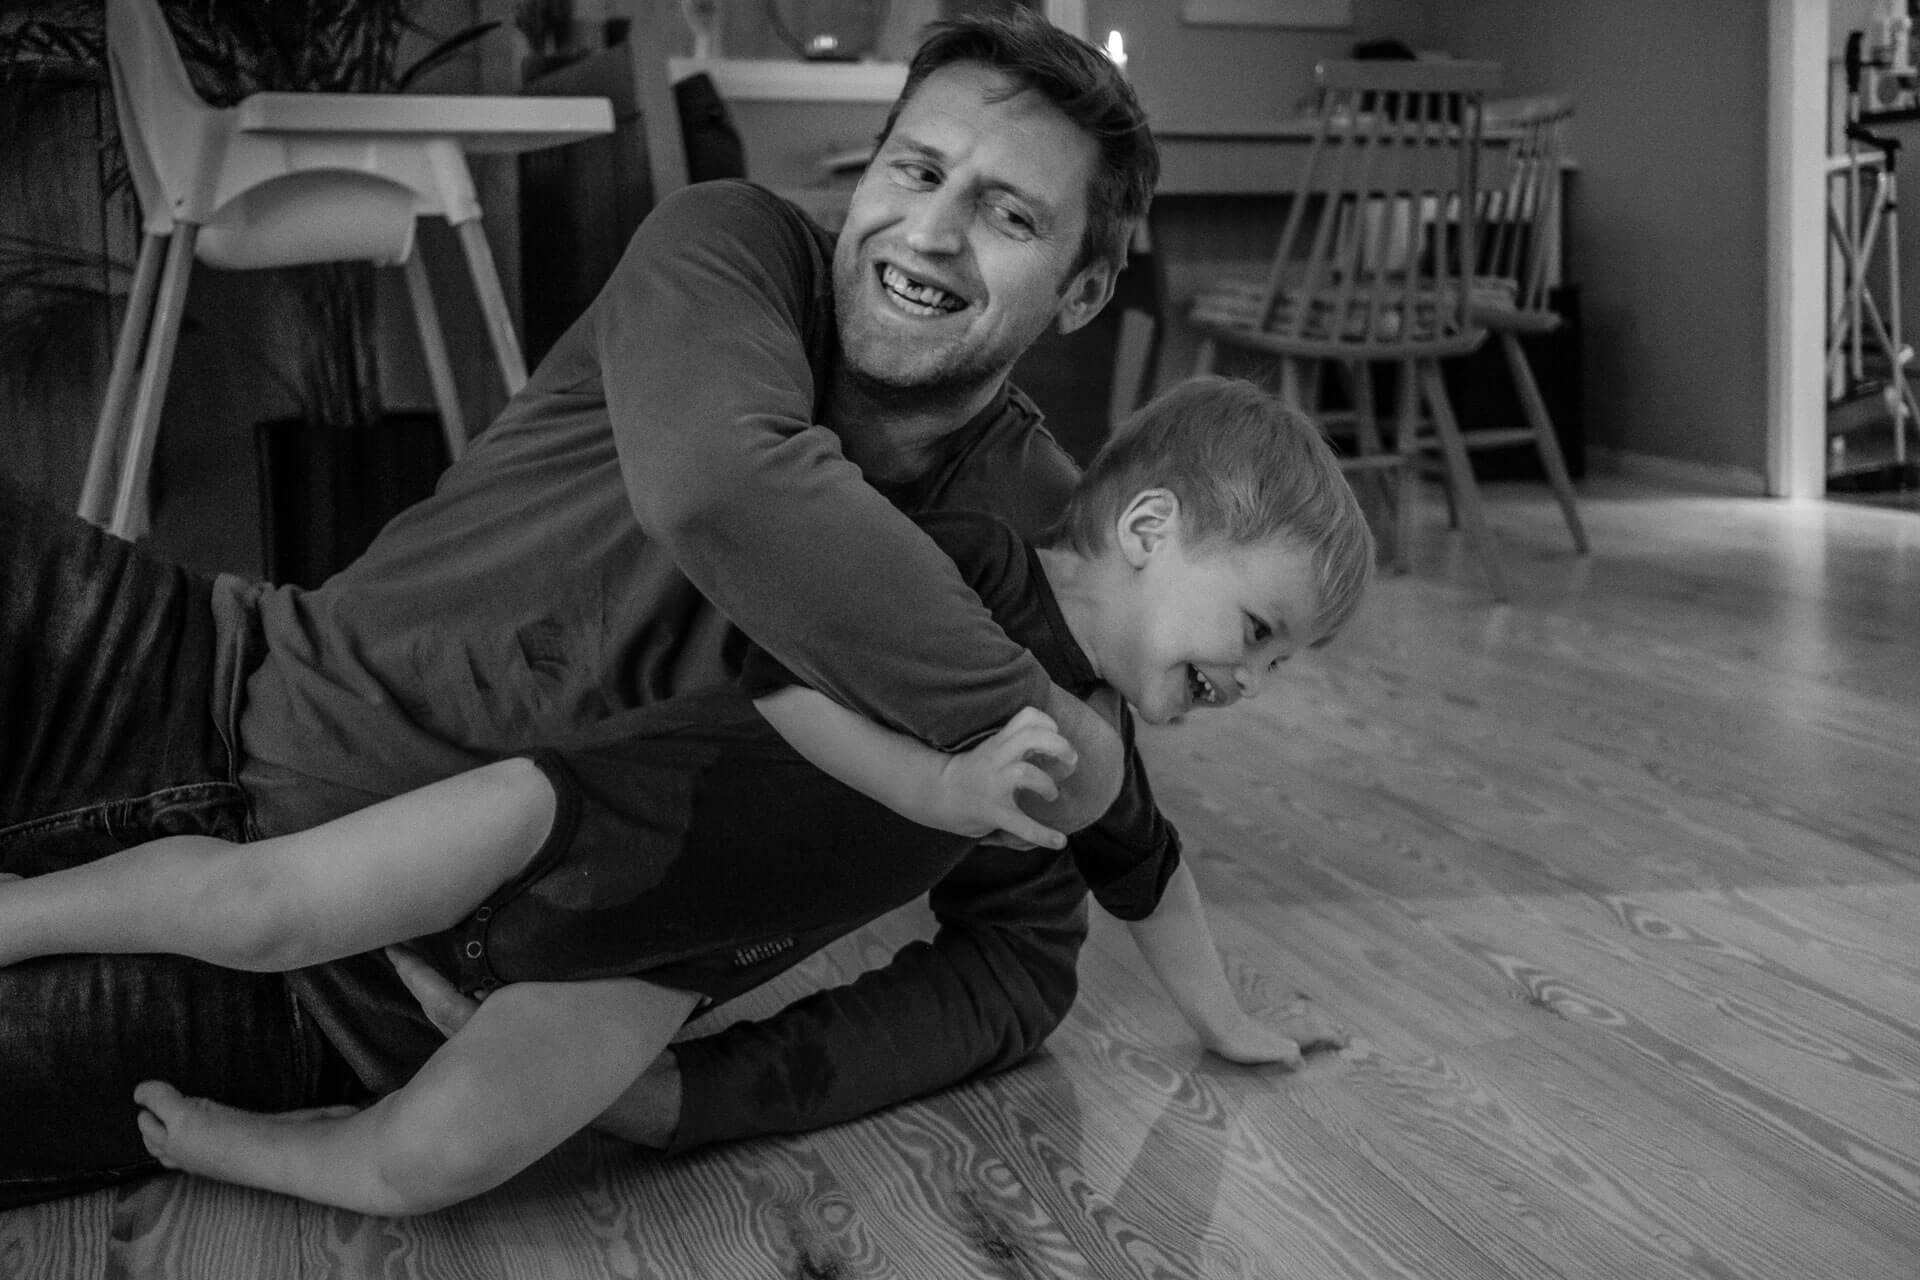 Far og sønn leker på gulvet. Far holder omkring den lille gutten og herjer med ham. De smiler og har det tydeligvis gøy.